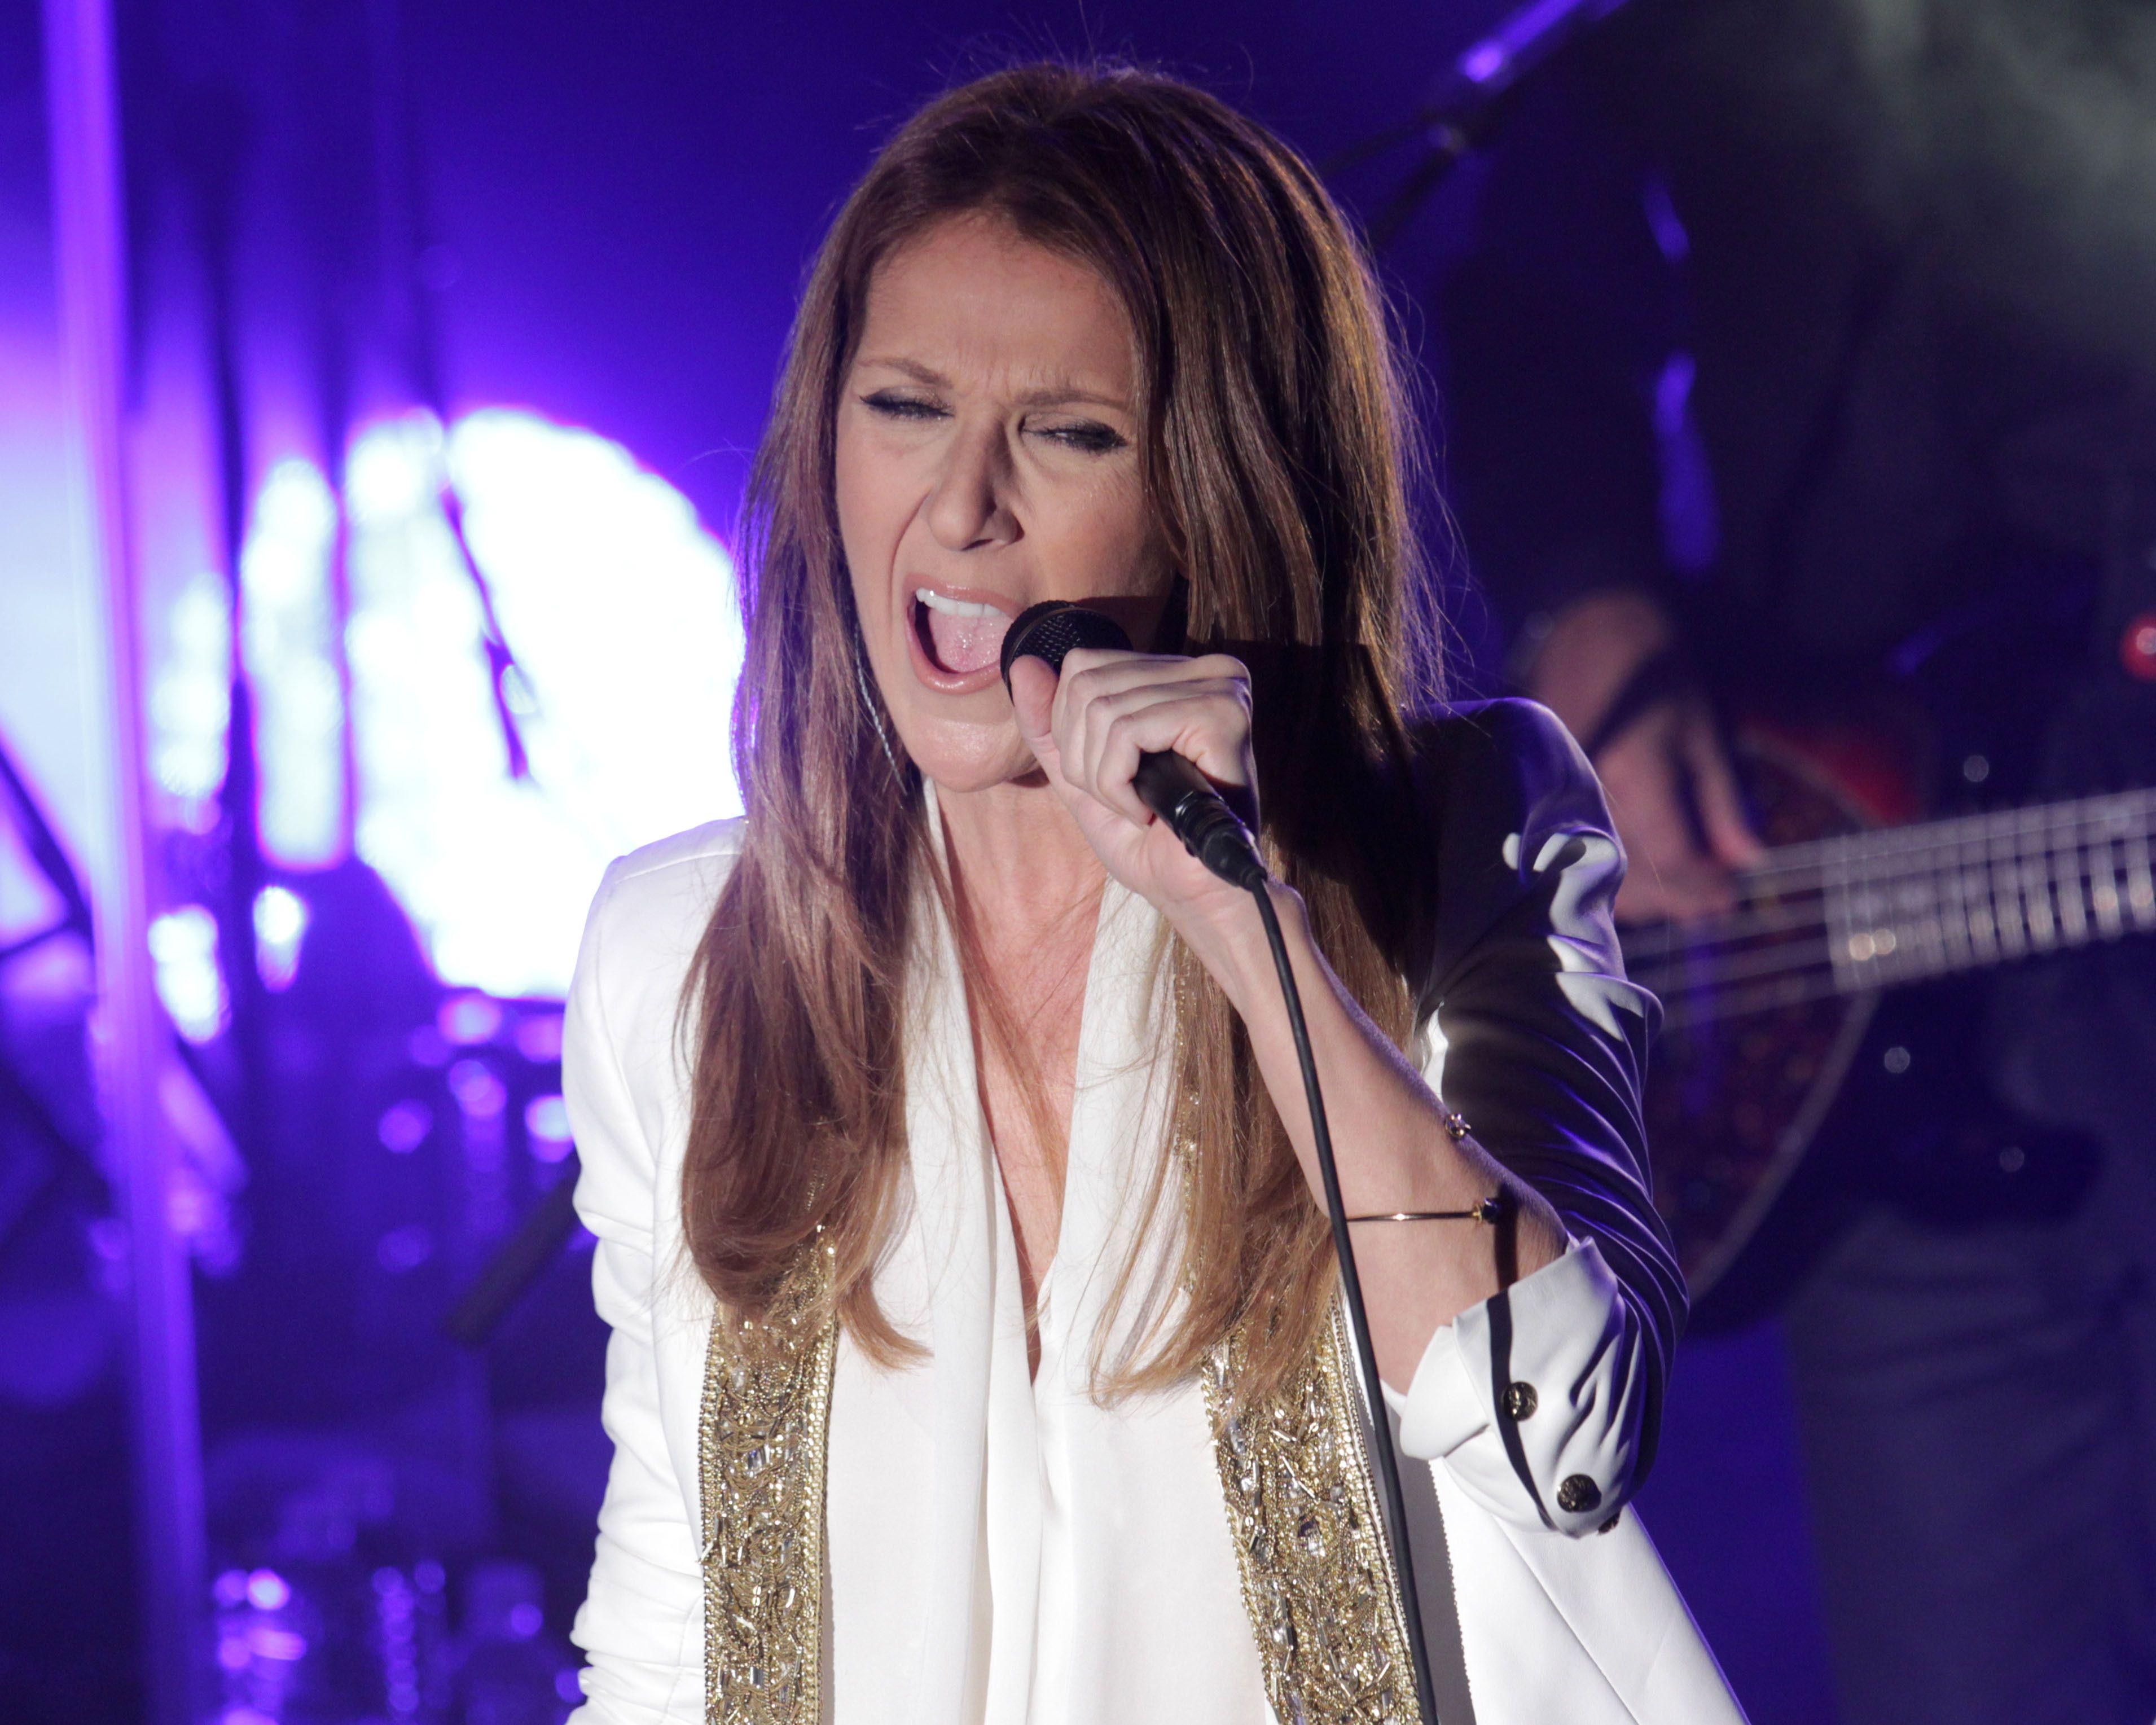 7. Celine Dion